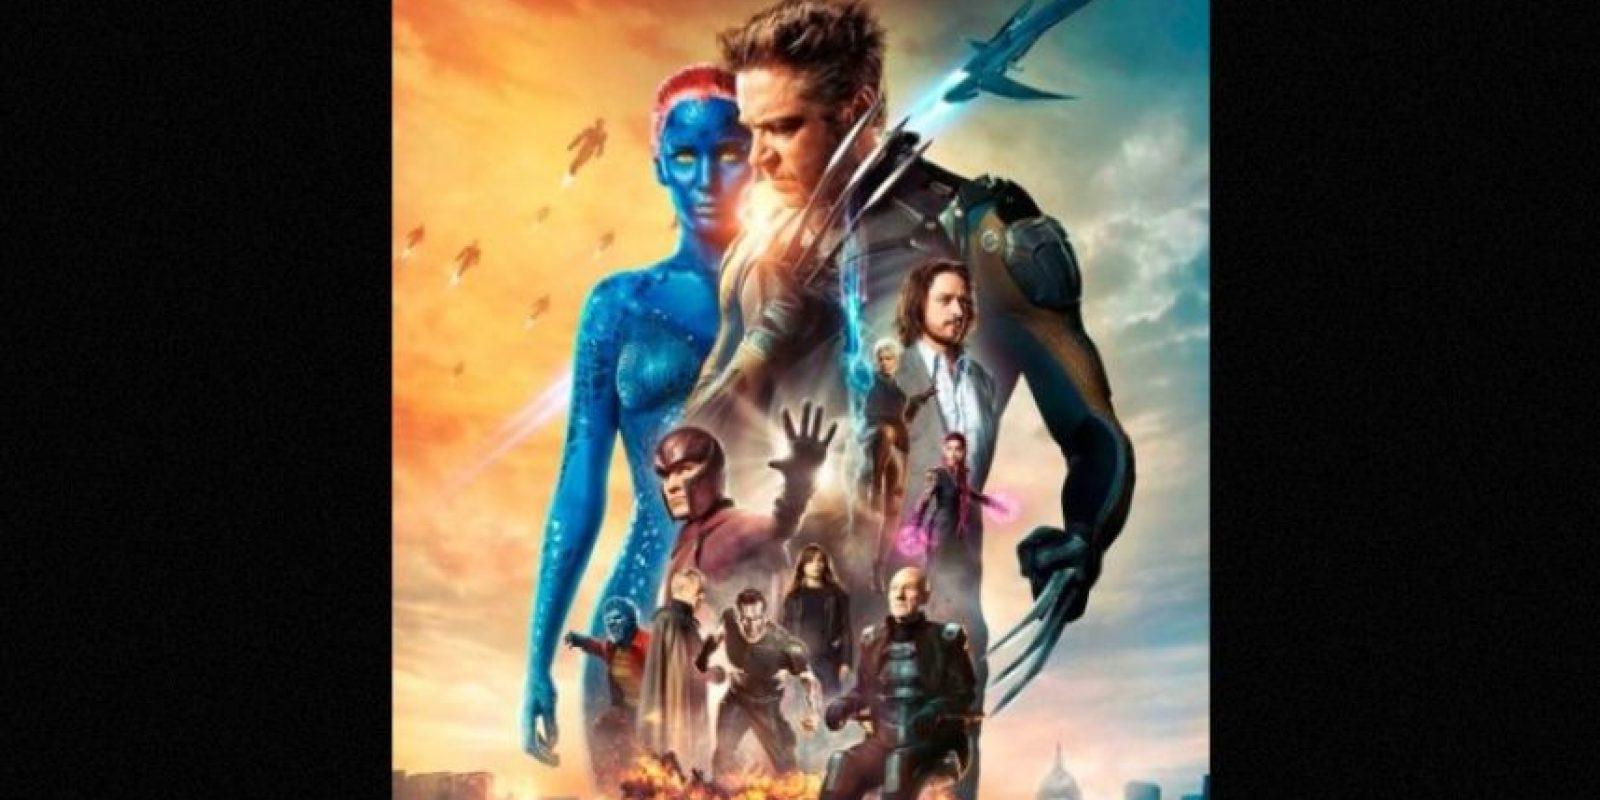 """La fecha de lanzamiento de """"X-Men: Apocalypse"""" es el 27 de mayo de 2016. Foto:Facebook/X-Menpelículas"""